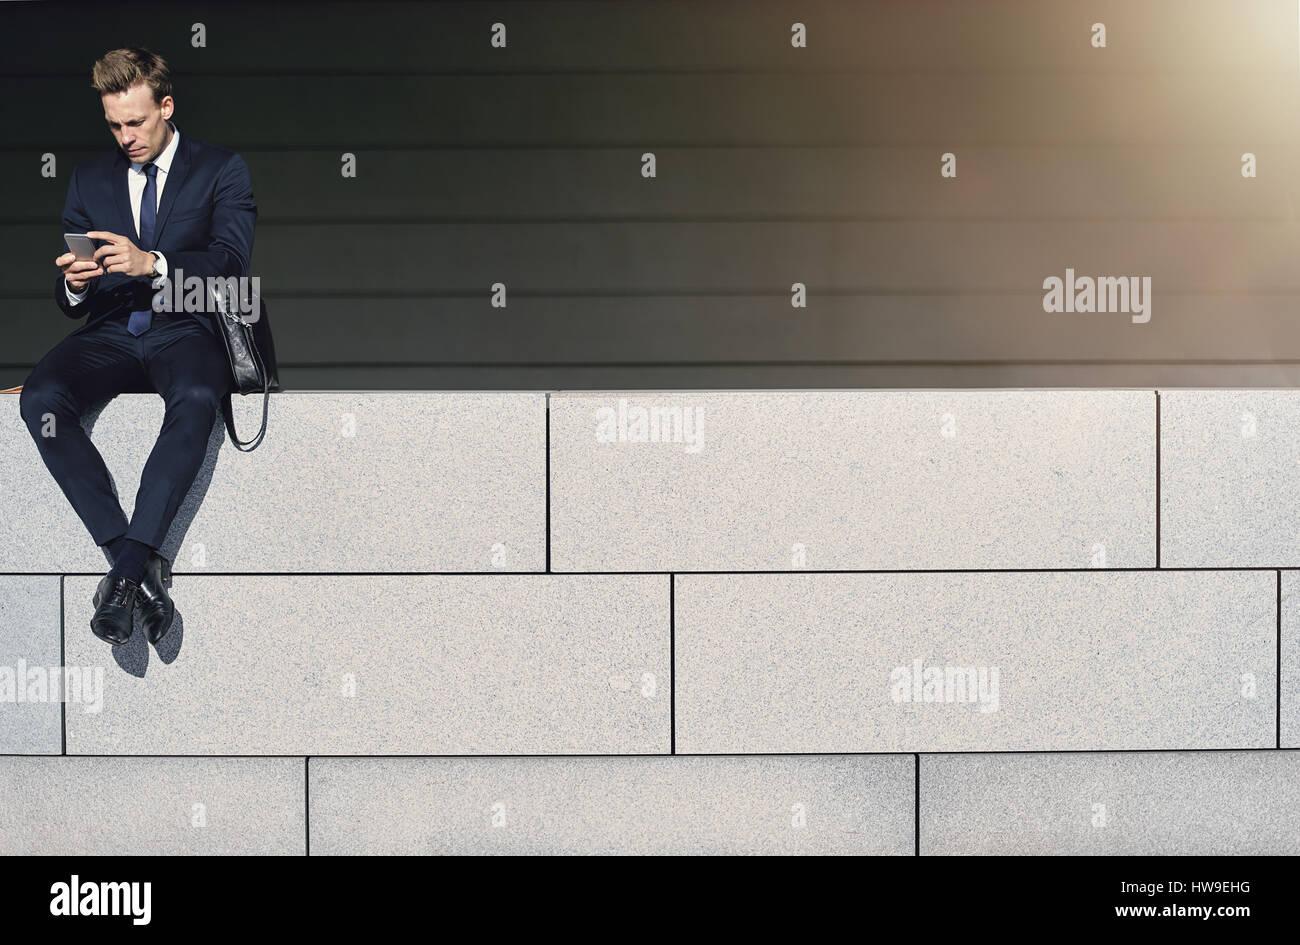 El empresario utiliza su smartphone mientras estaba sentado en la pared de ladrillo. Disparó al aire libre Imagen De Stock